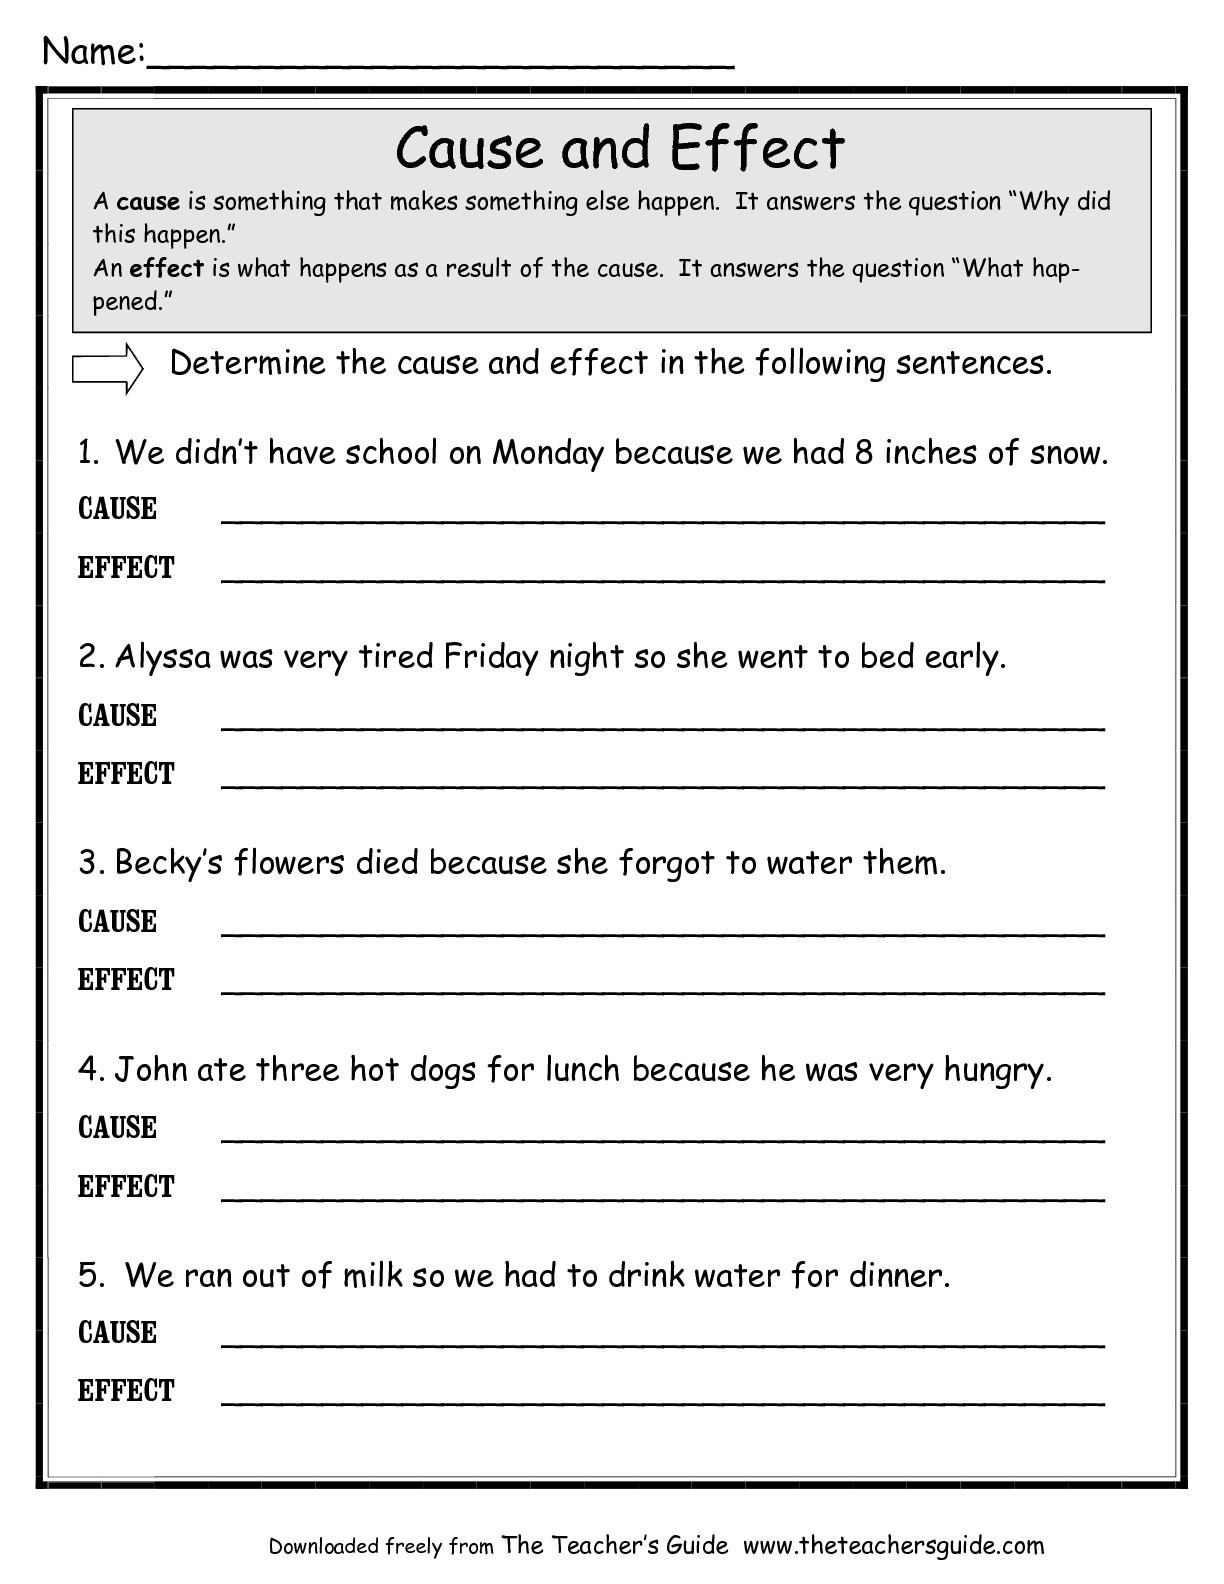 Paragraph Editing Worksheets 5th Grade